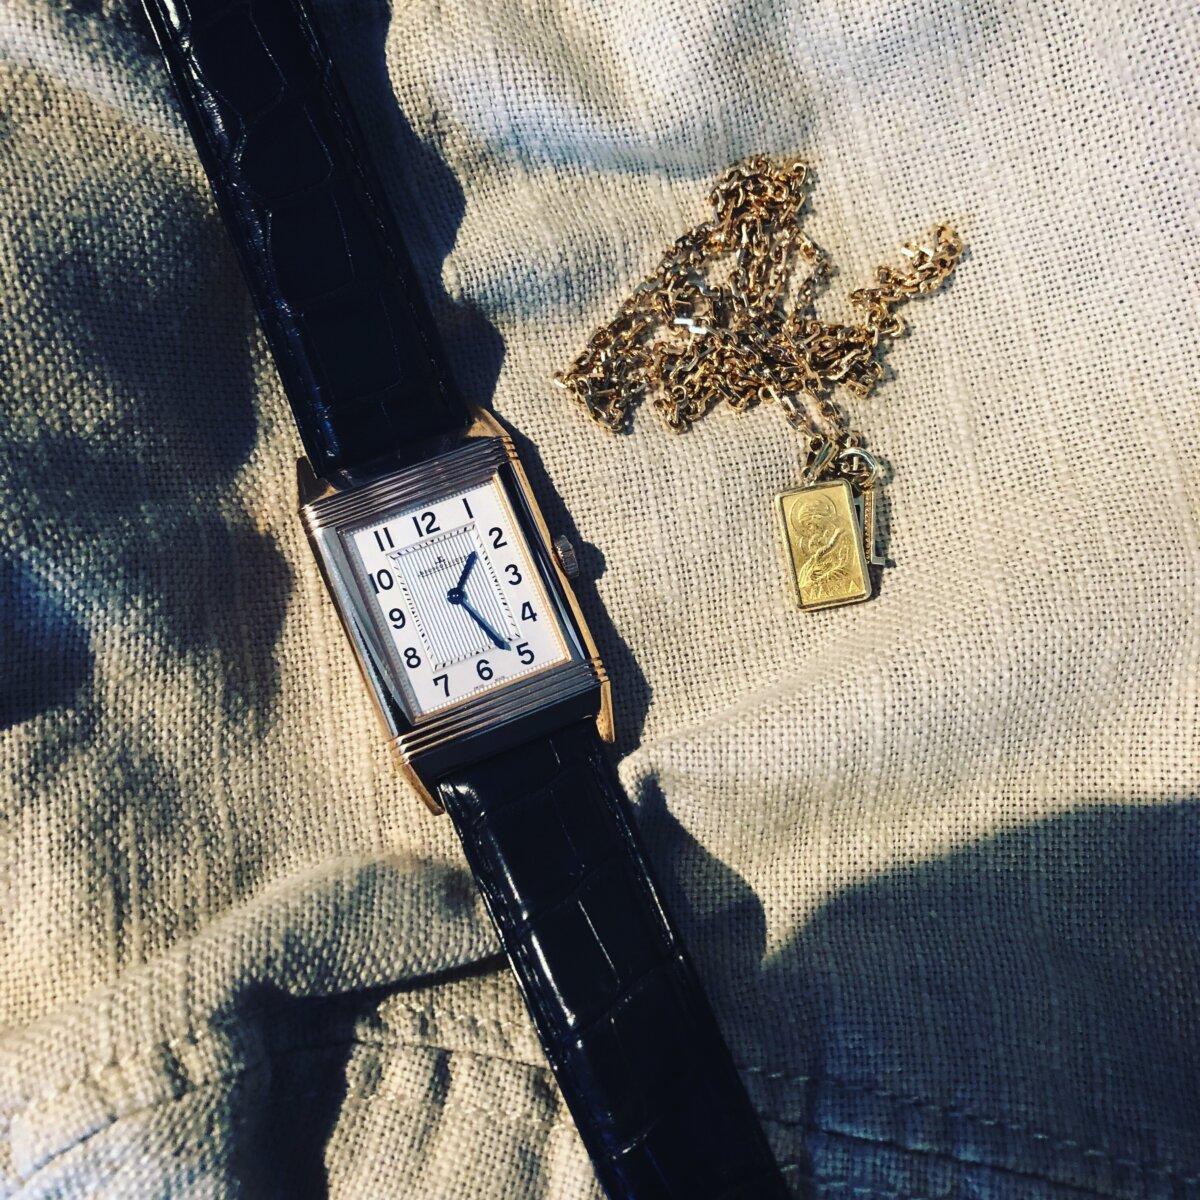 E9EA8A8B-D402-463B-AC78-92129F4F837F 夏に合う時計って派手なものが鉄板ですか?|関口 優